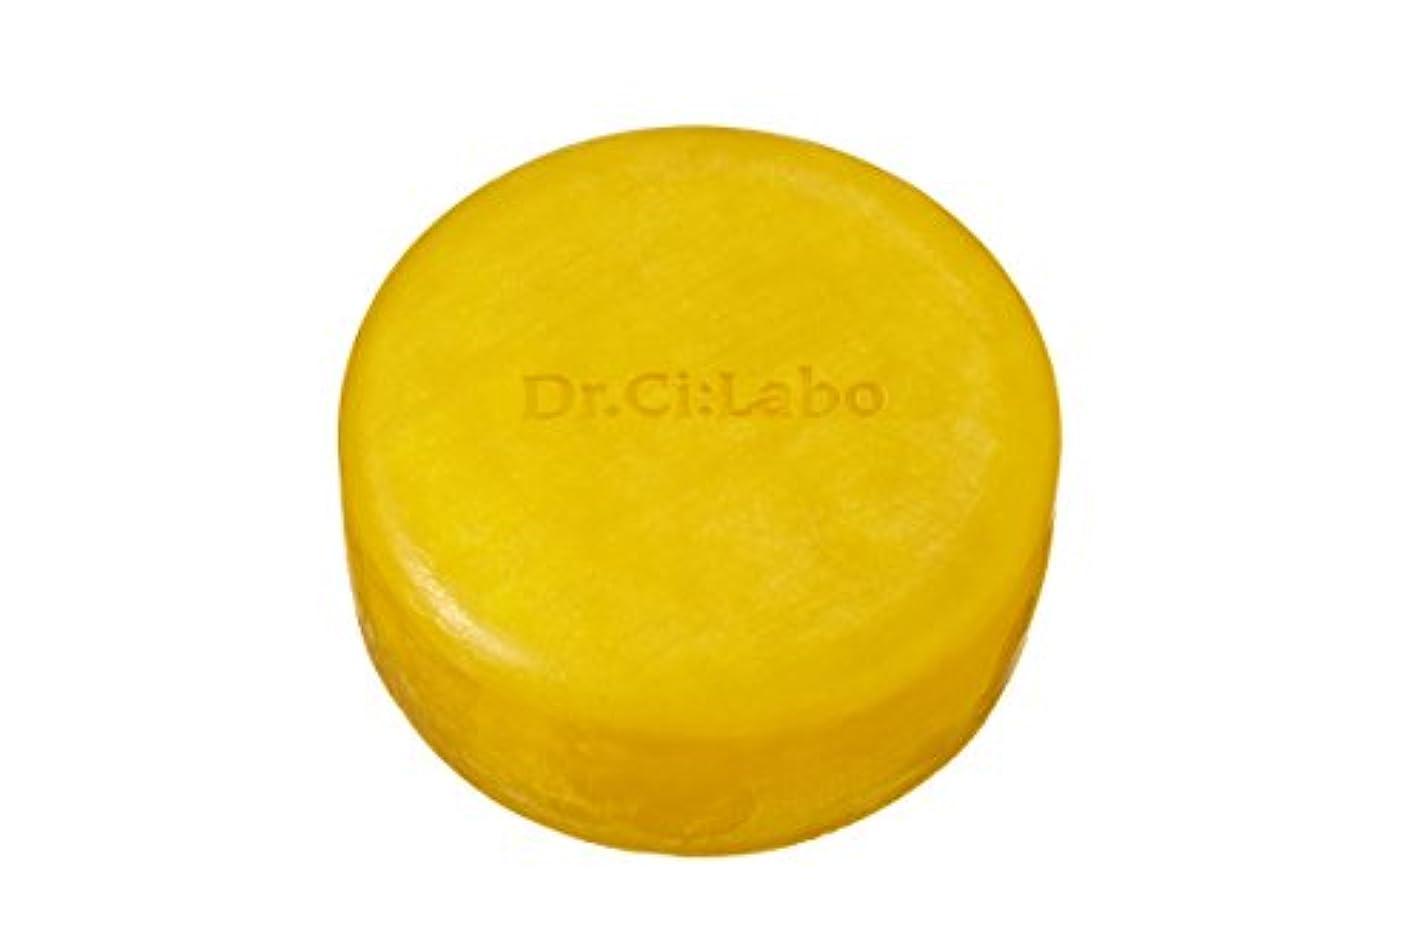 リアル対処する阻害するドクターシーラボ エンリッチリフトソープEX 角質オフ石鹸 100g 洗顔石鹸